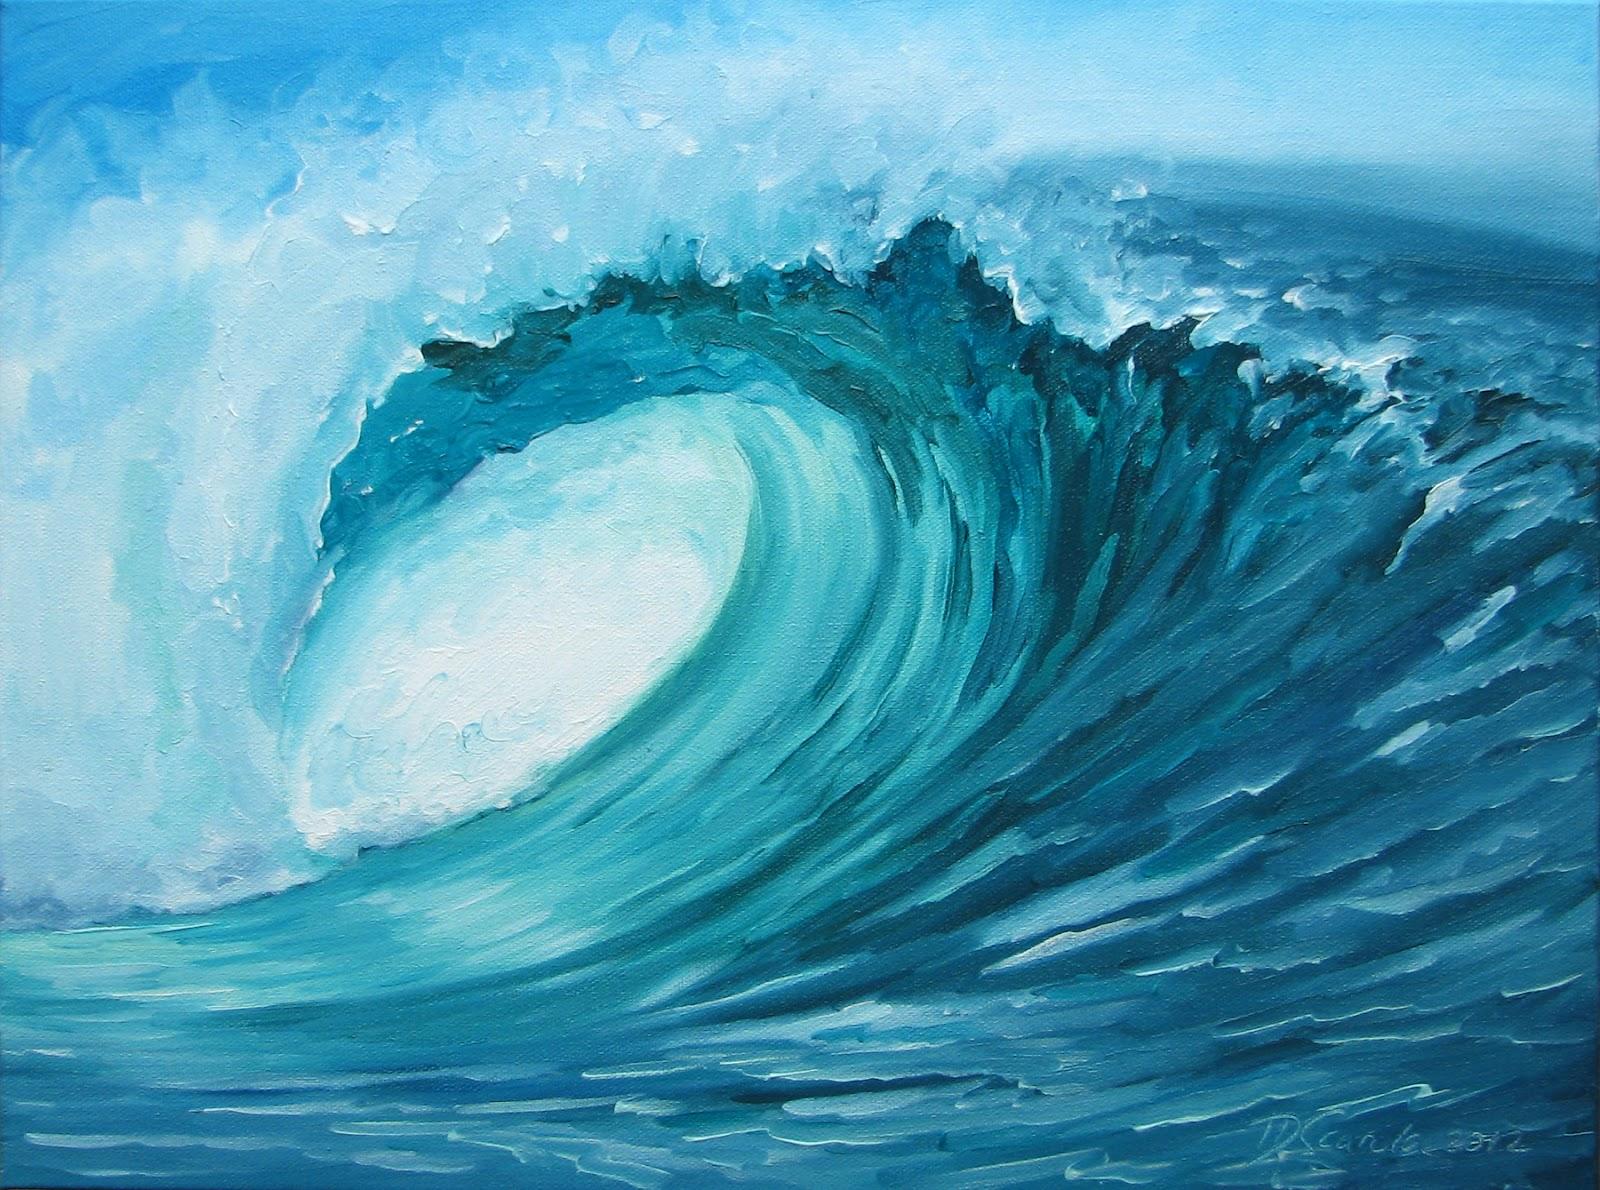 общага она рисунки больших волн часто встречаются